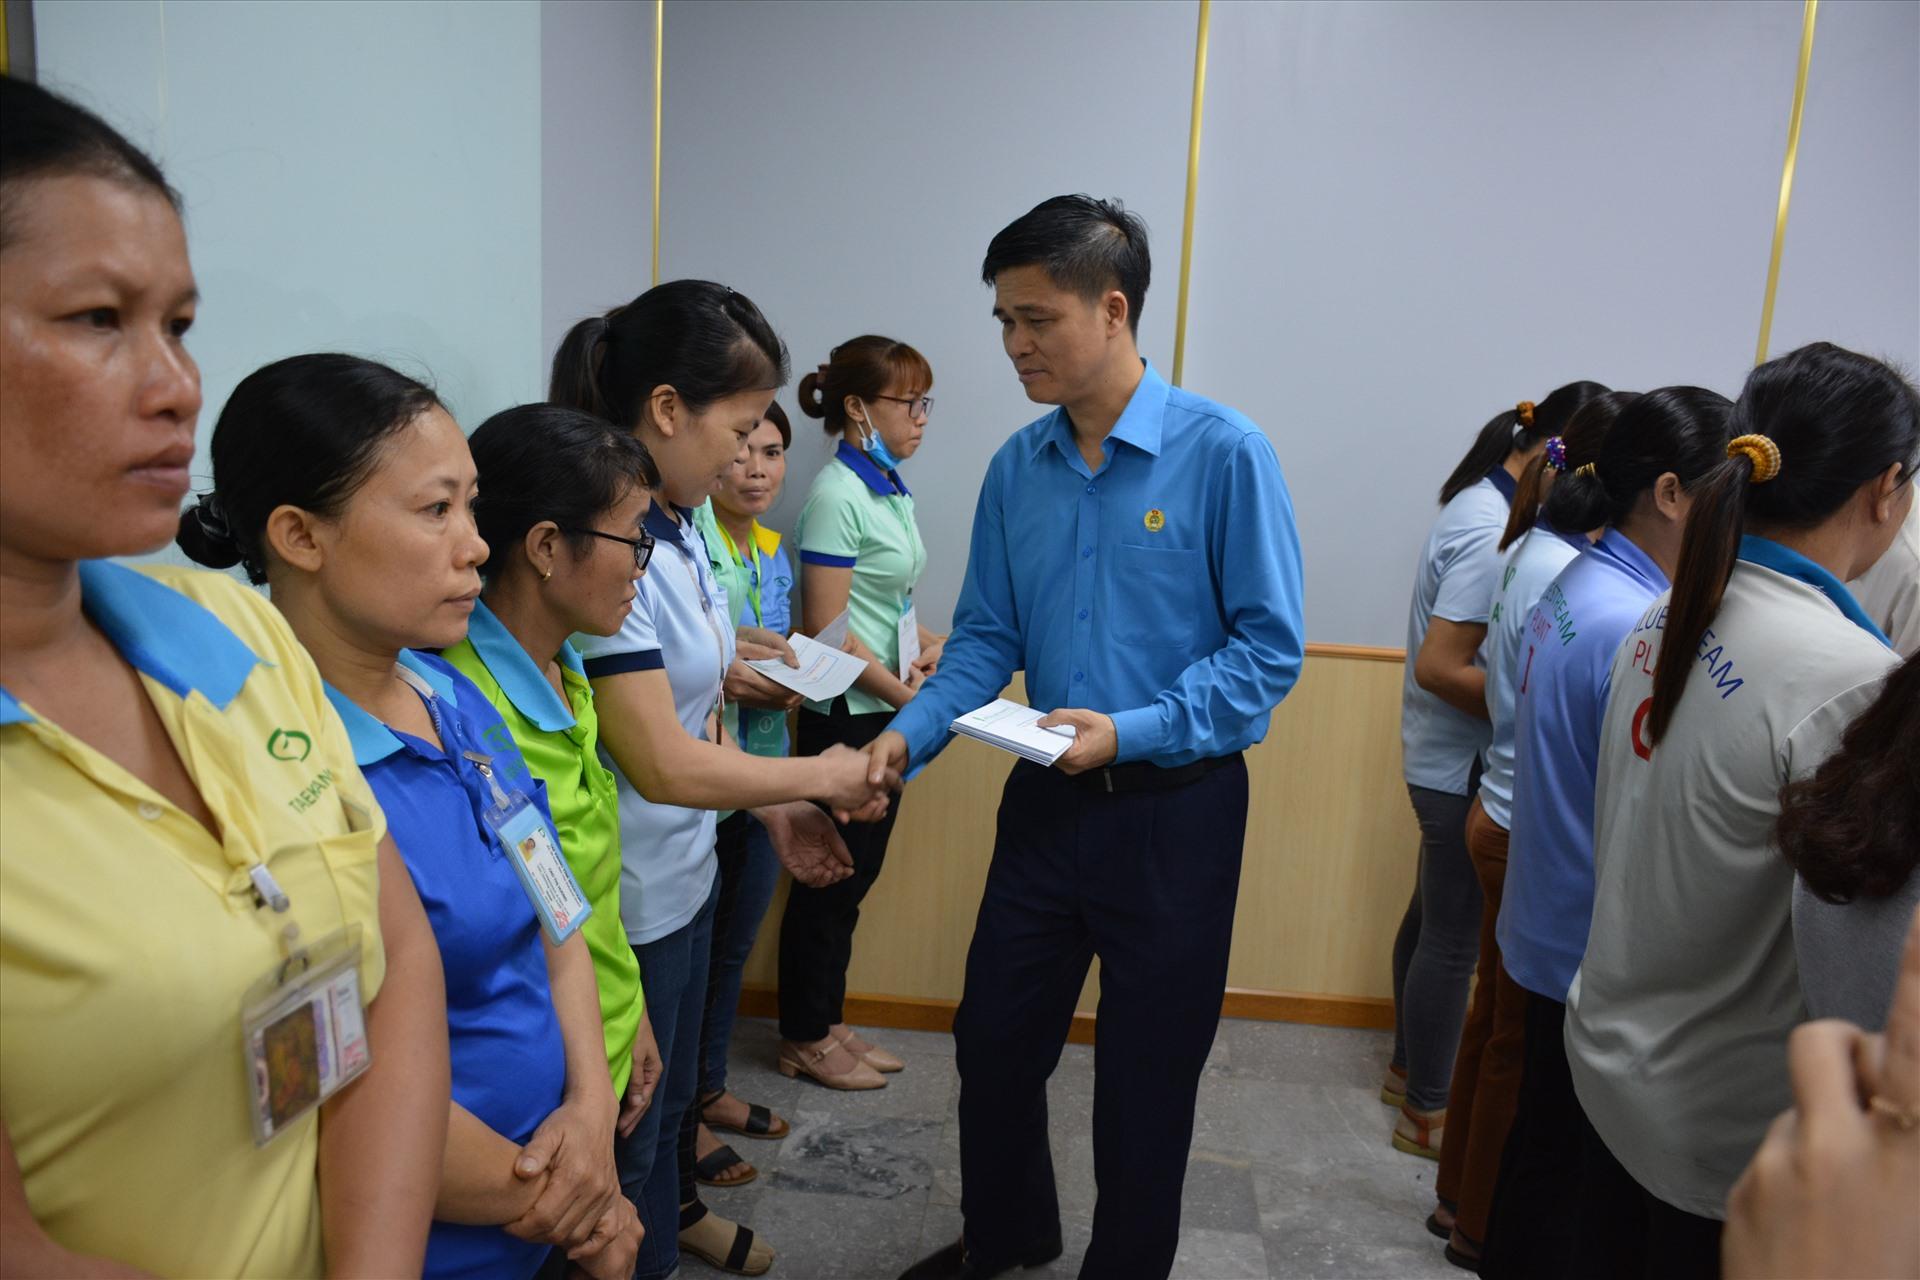 Phó chủ tịch Tổng LĐLĐVN Ngọ Duy Hiểu tặng quà cho công nhân bị ảnh hưởng do dịch bệnh COVID-19 gặp khó khăn. Ảnh: Hà Anh Chiến